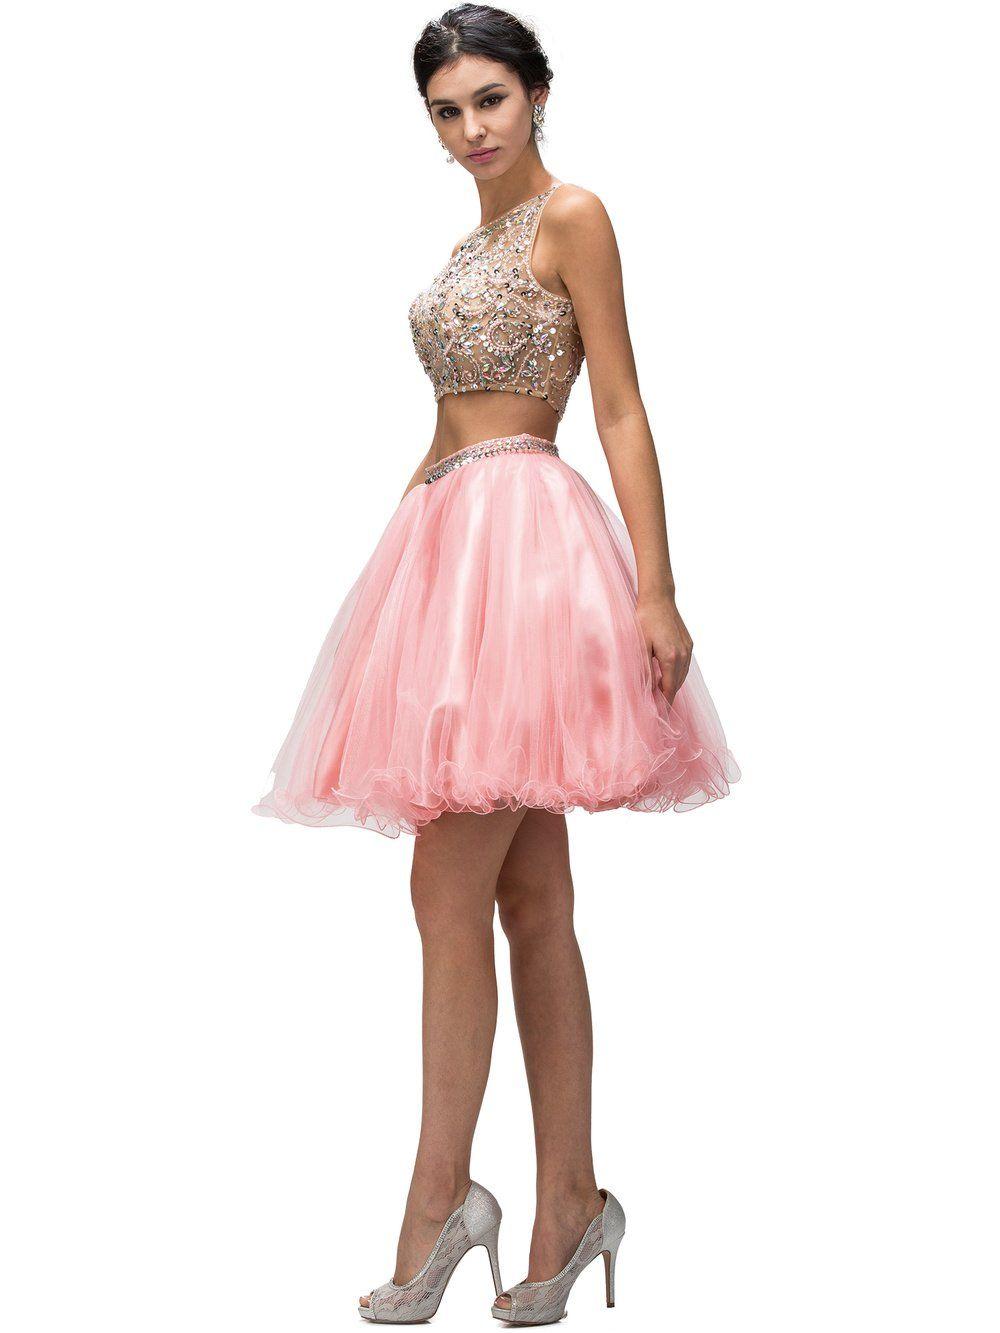 Dama Dress Style 9213XL